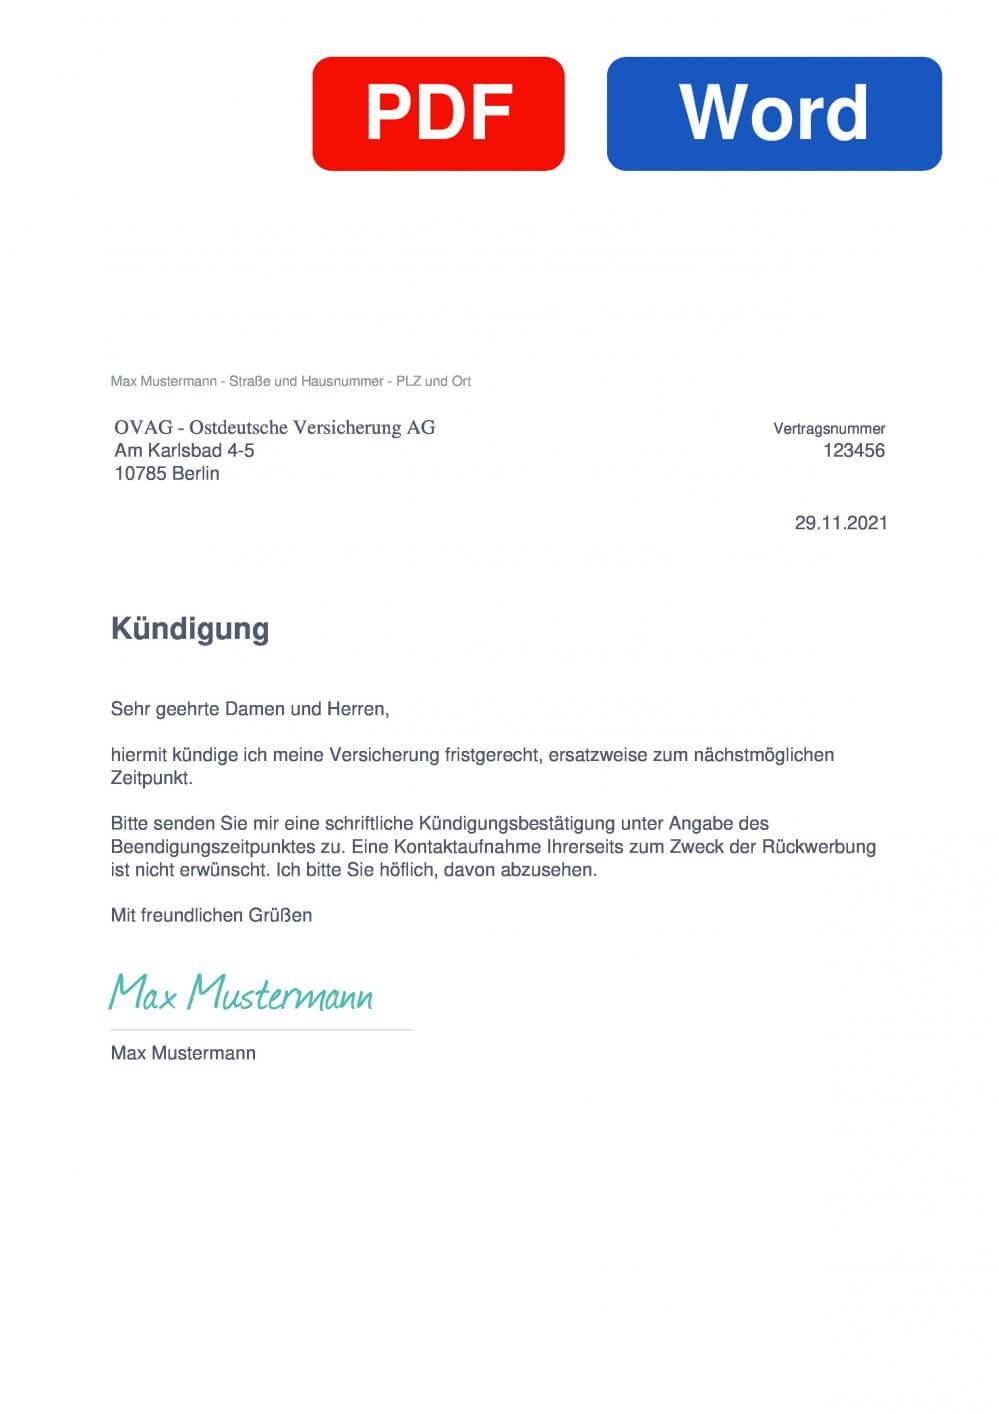 Bavaria Direkt Muster Vorlage für Kündigungsschreiben